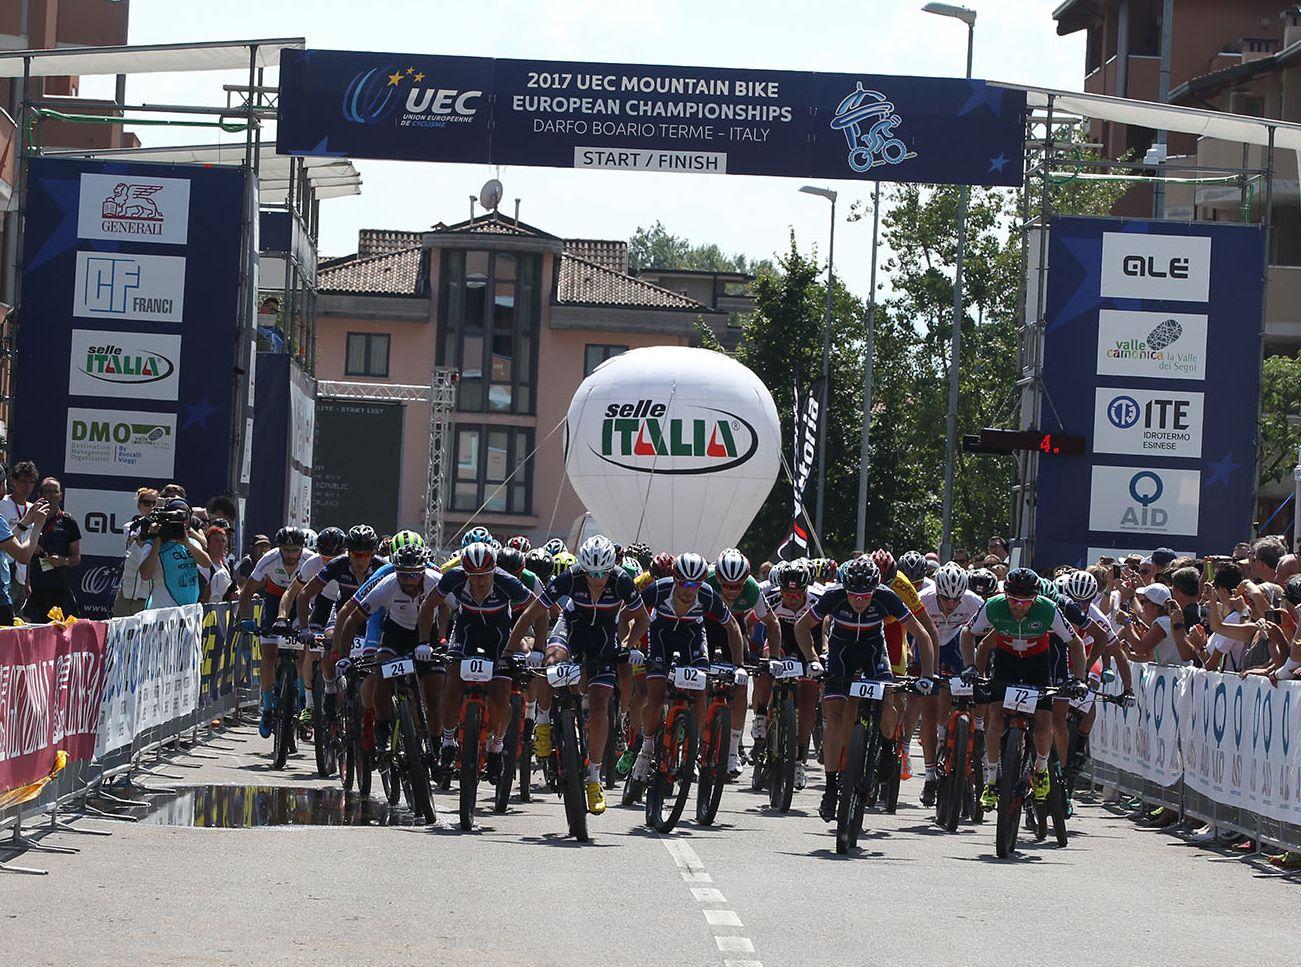 57 bikers en la prueba elite. El Europeo parece que no es prioridad para muchos. Ni Schurter ni Kulhavy estuvieron